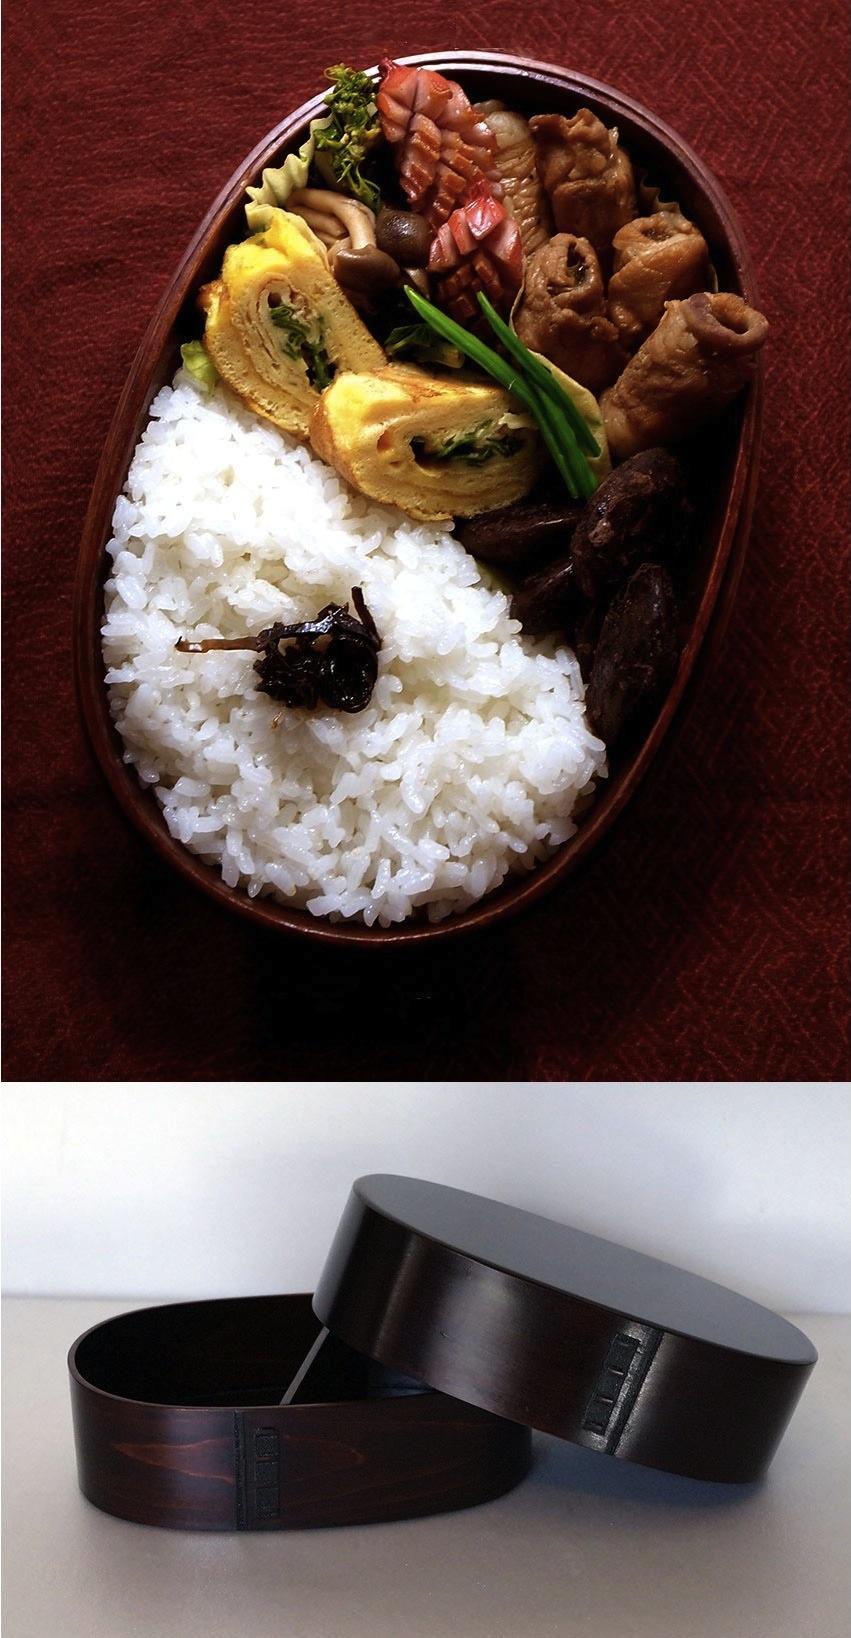 木曽ひのき小判メンパ 中 お弁当箱の特産品画像